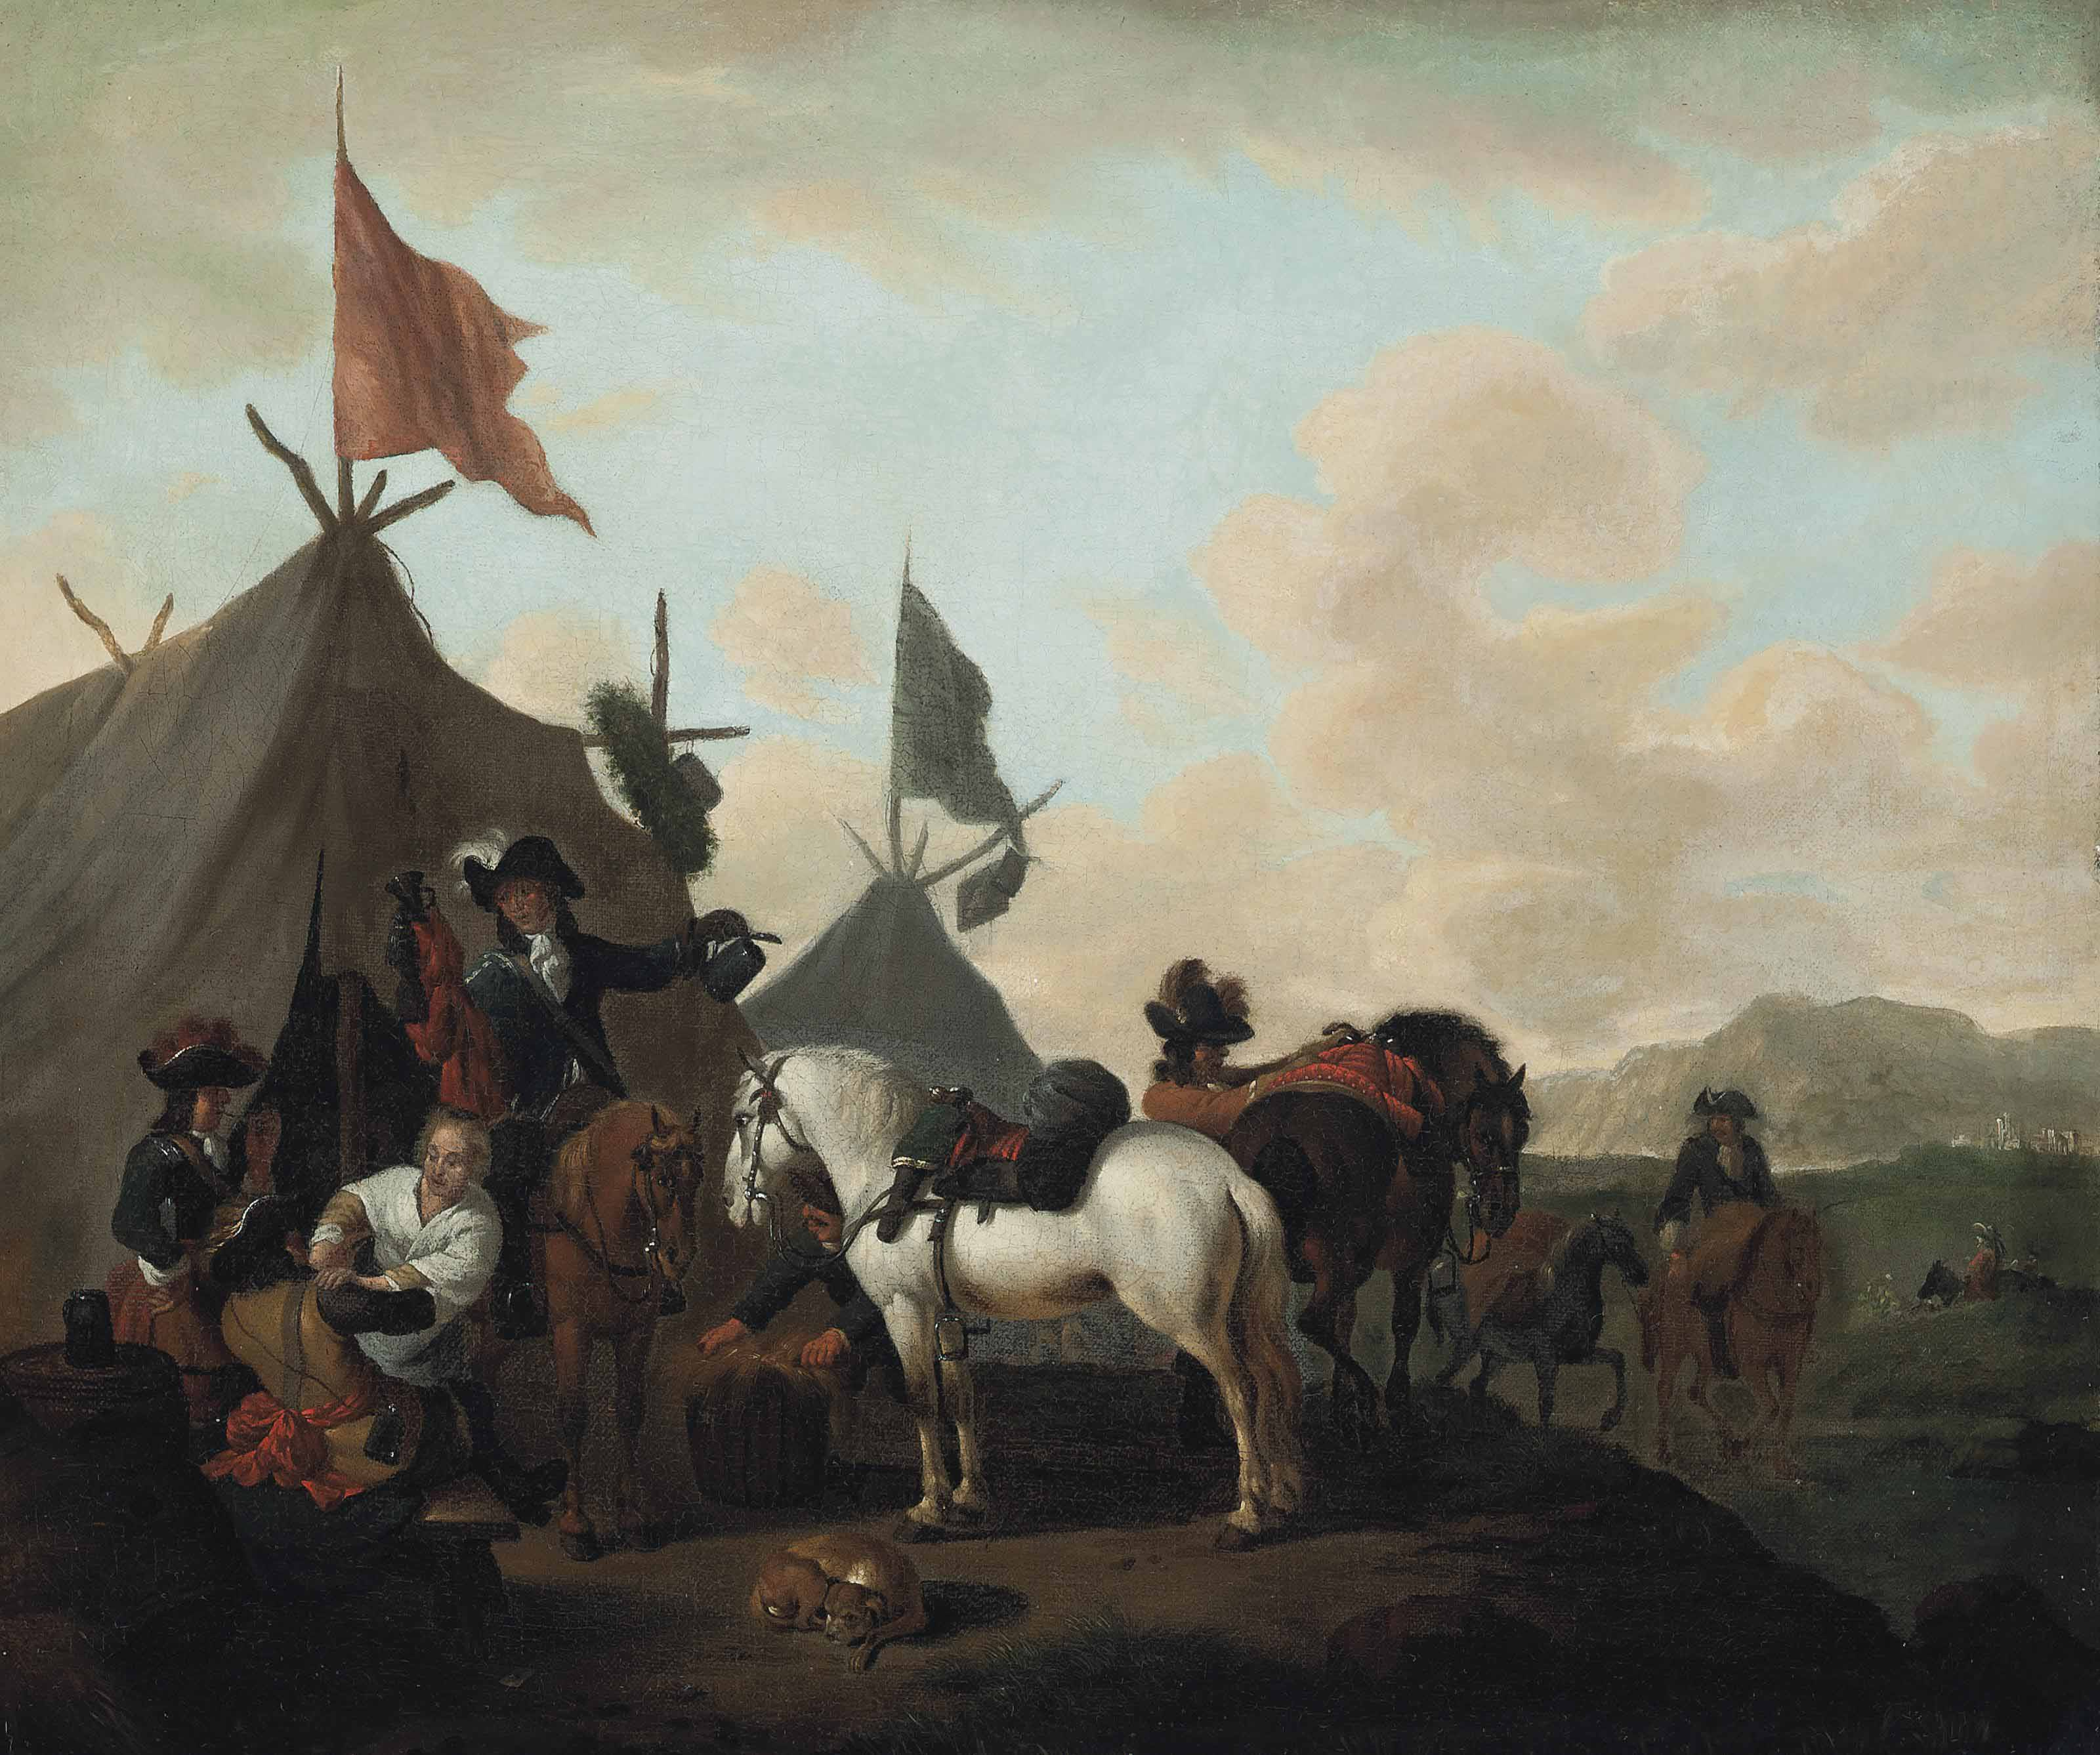 Evert Oudendijck (c. 1648-1695